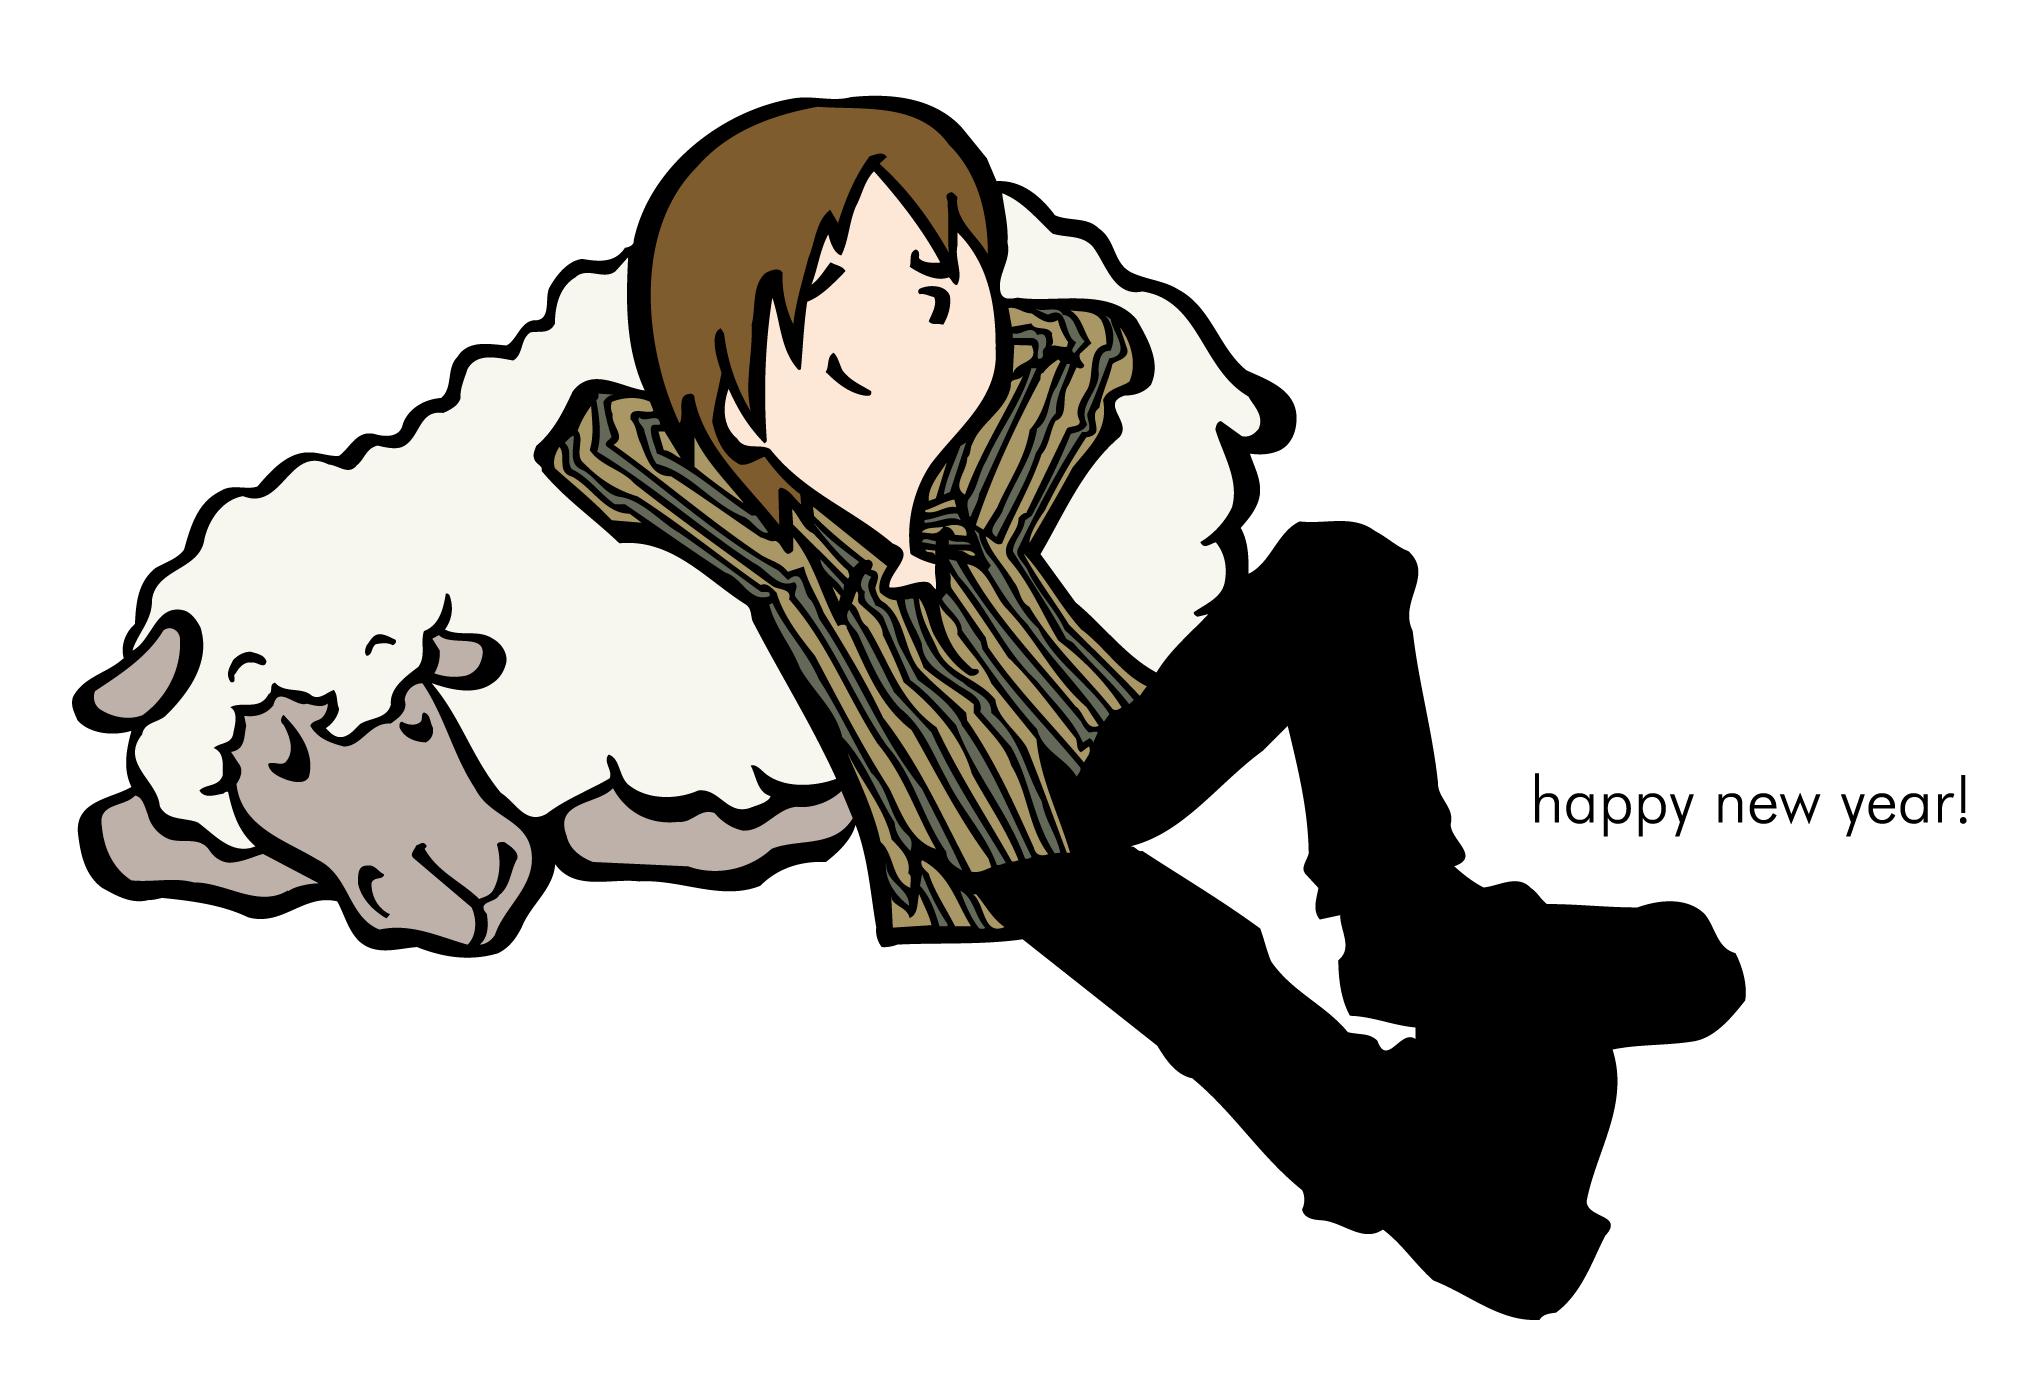 2003年賀状03:羊と男の子のダウンロード画像